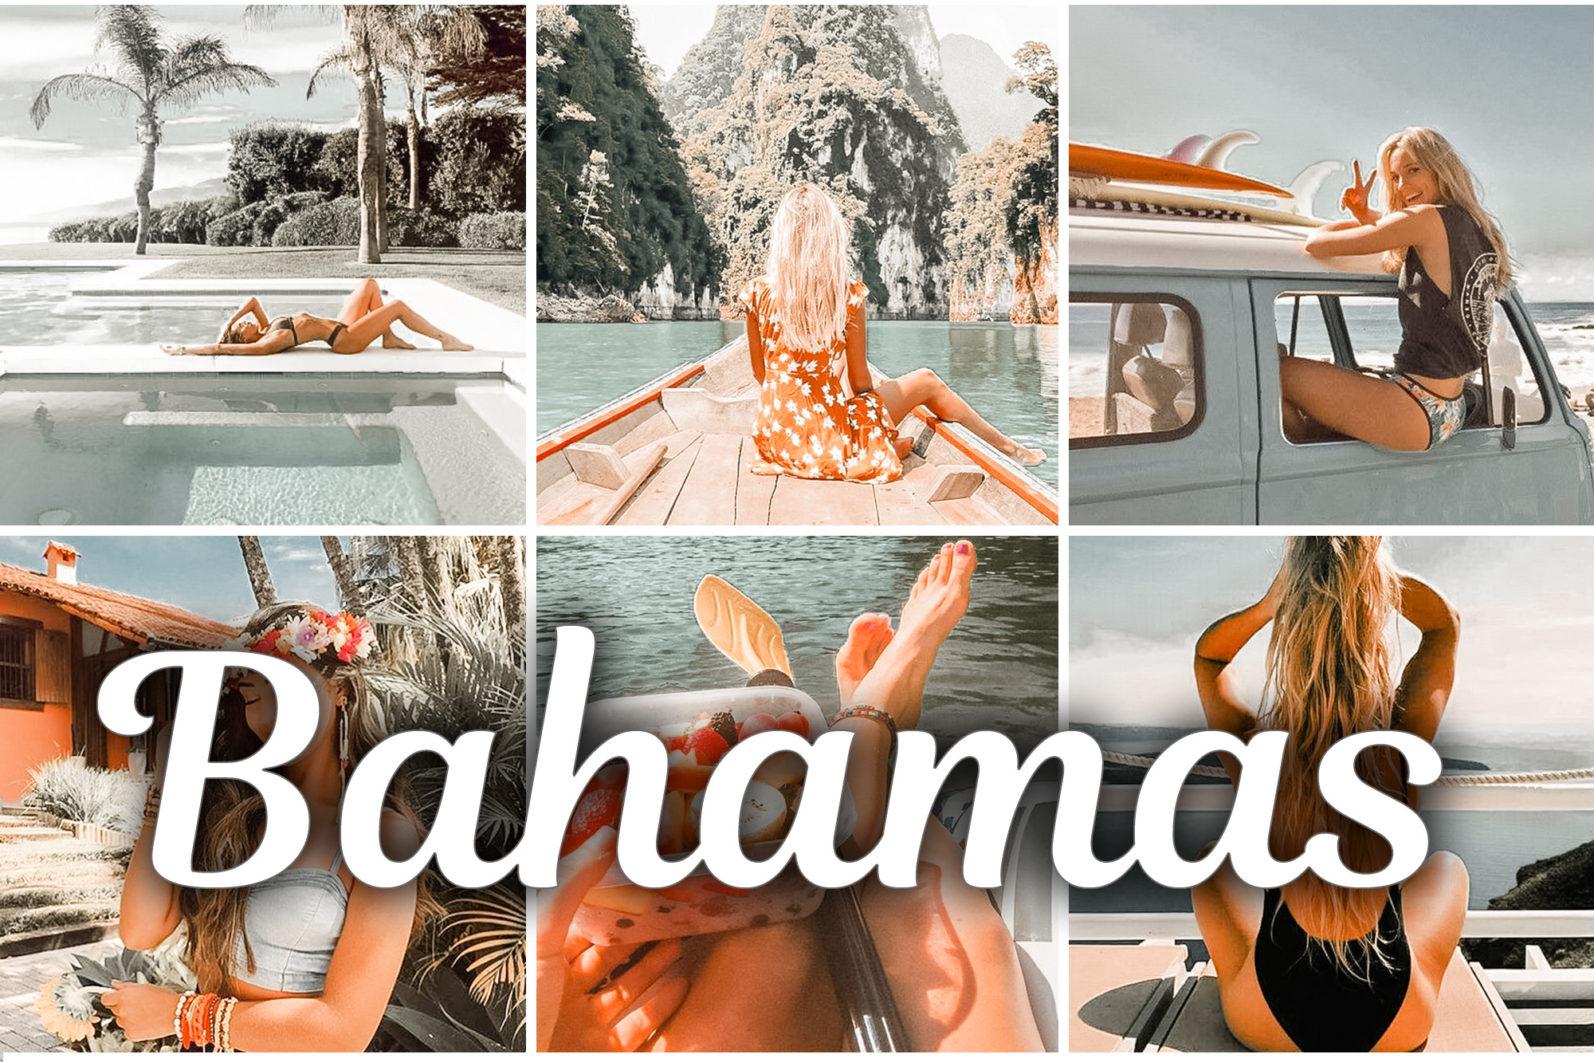 7 Mobile & Desktop Lightroom Presets BAHAMAS - Bahamas lightroom presets mobile desktop scaled -